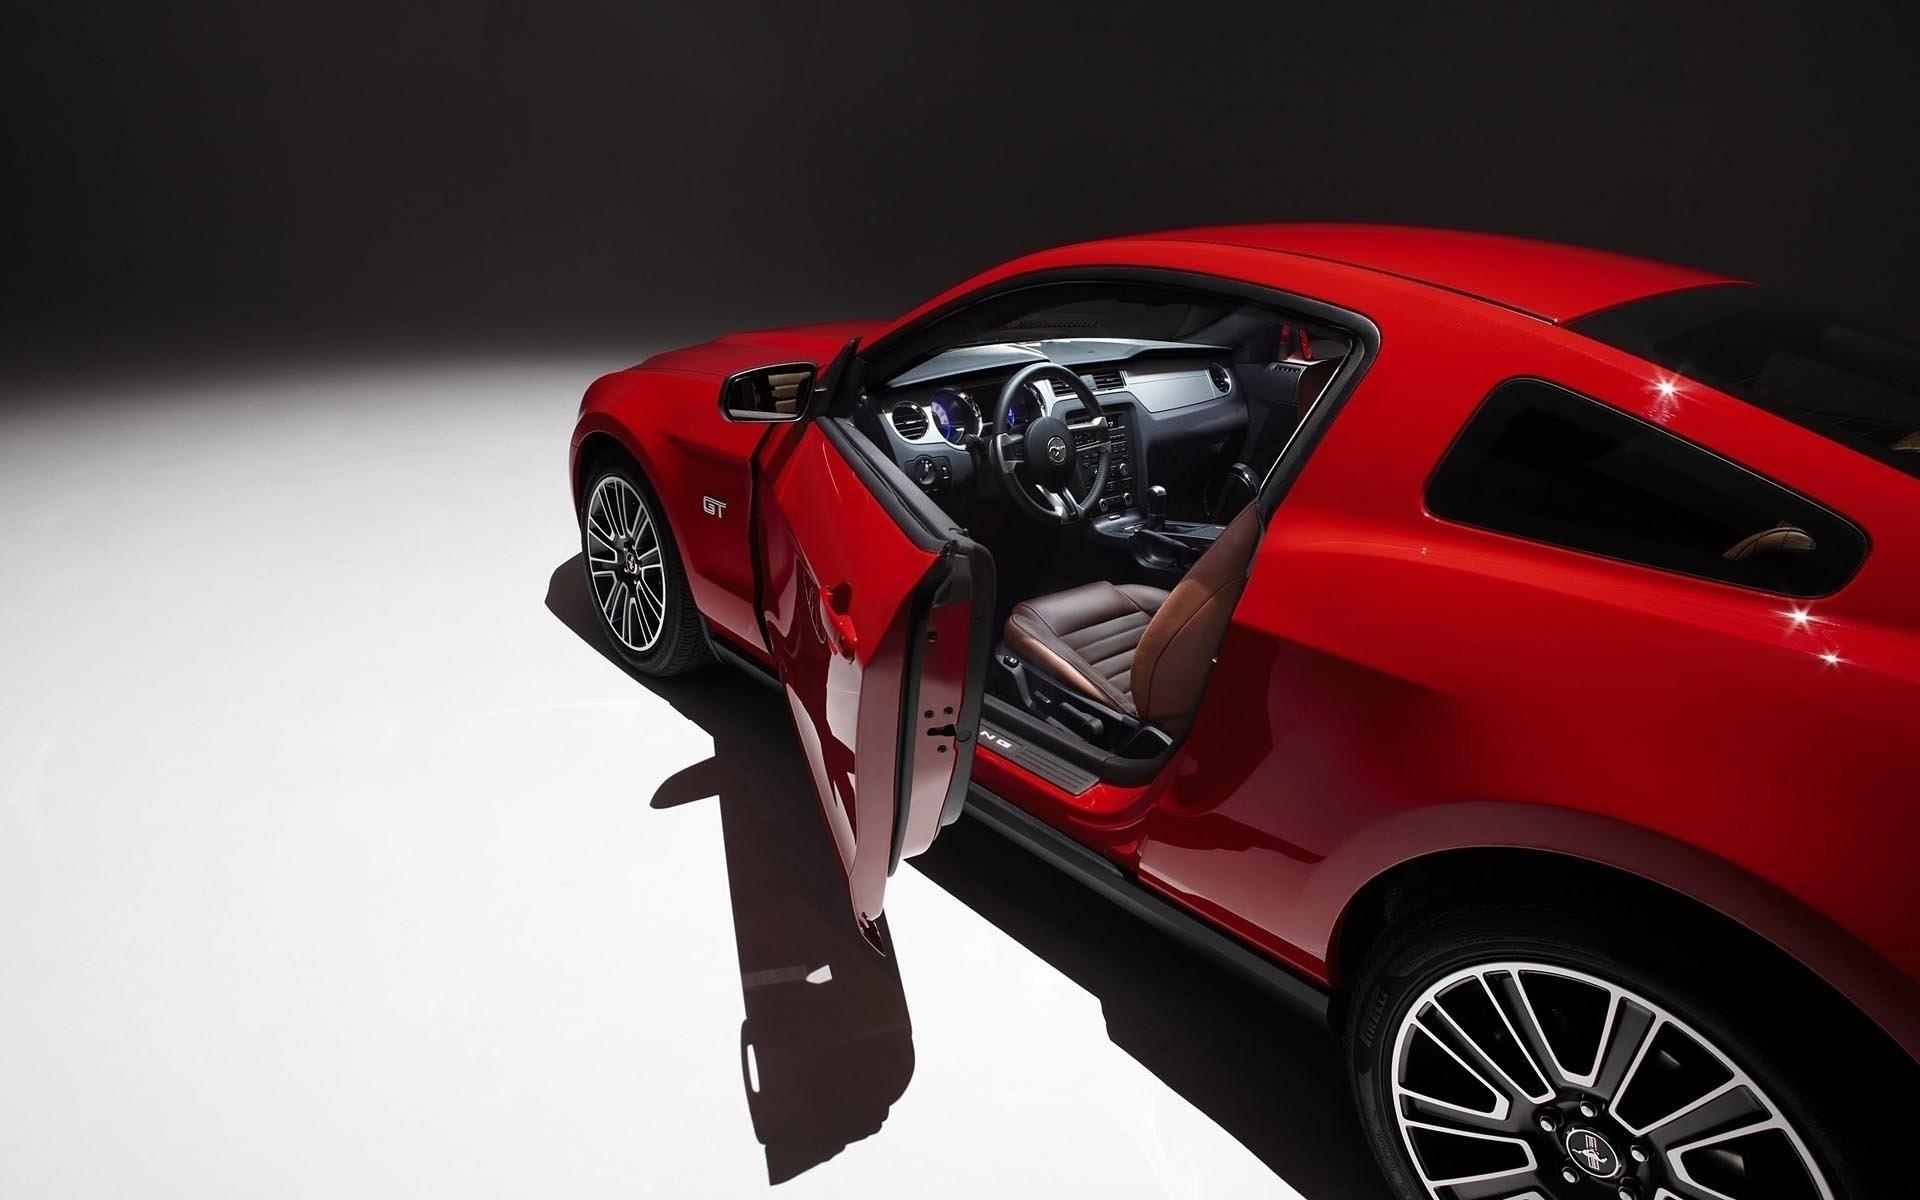 27463 скачать обои Транспорт, Машины, Мустанг (Mustang) - заставки и картинки бесплатно